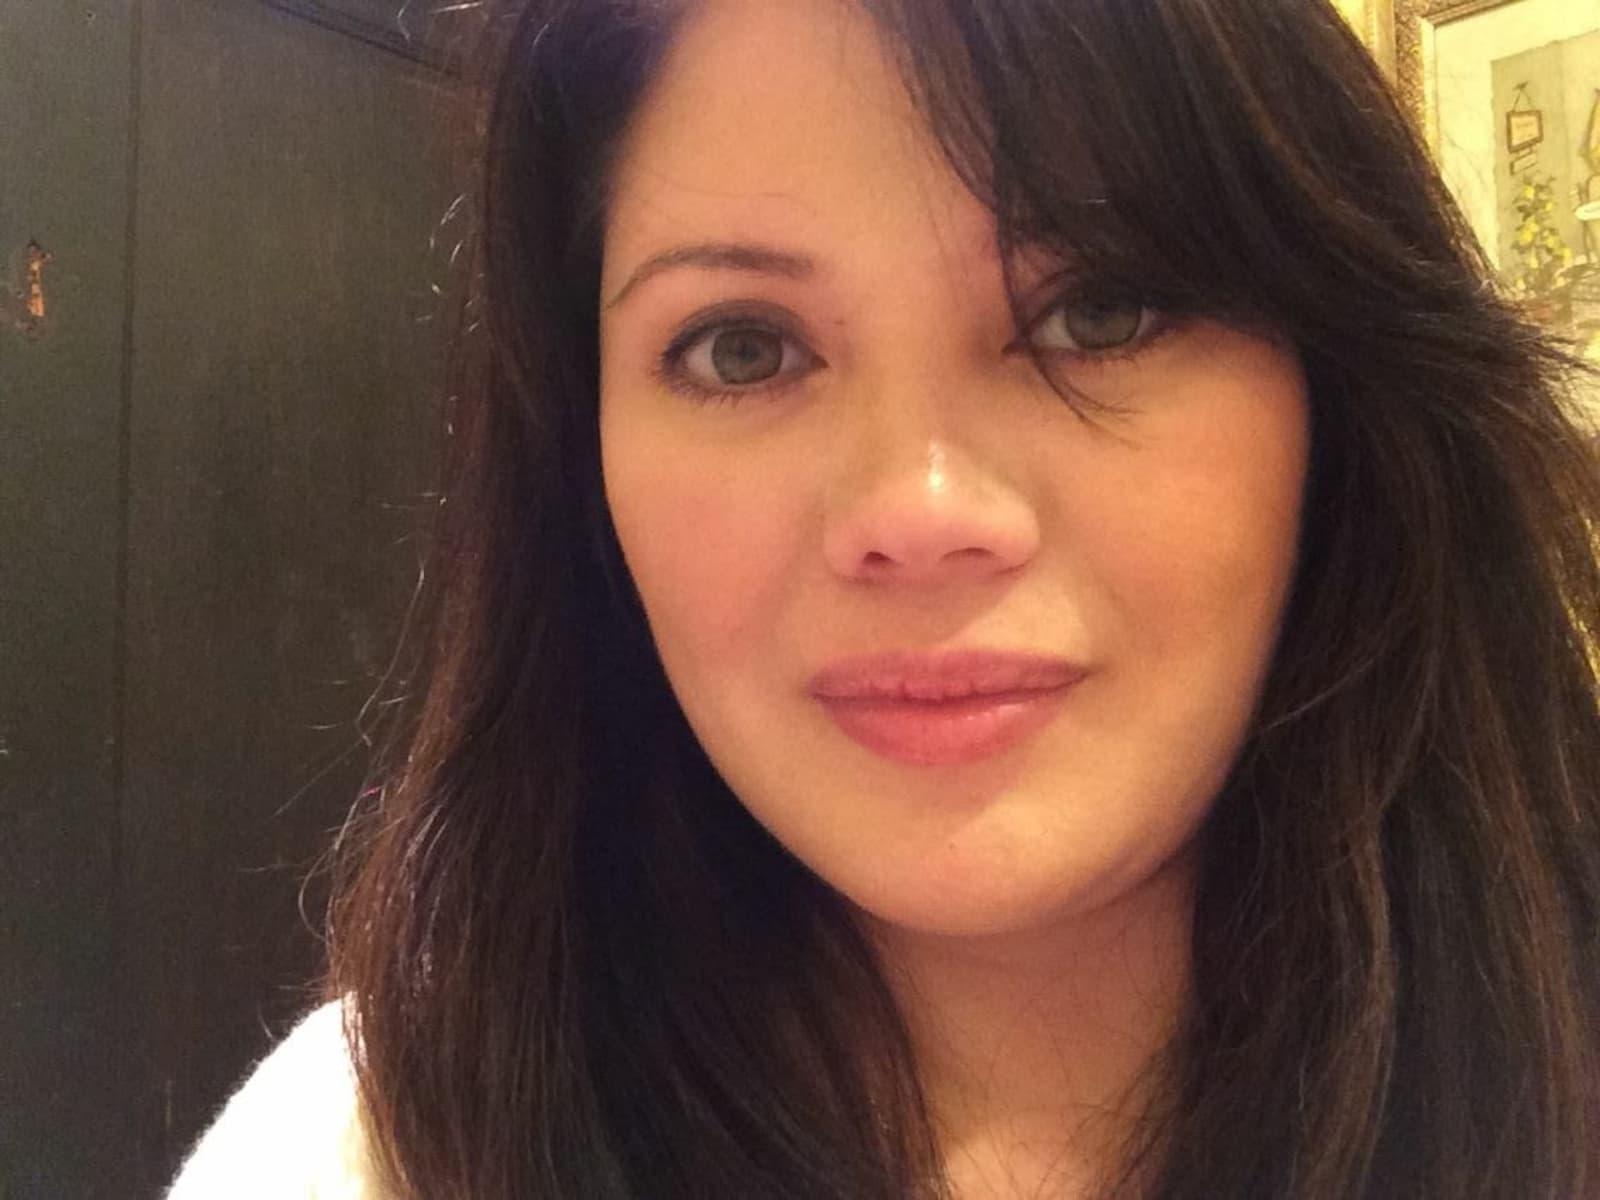 Mariel from Winnetka, California, United States